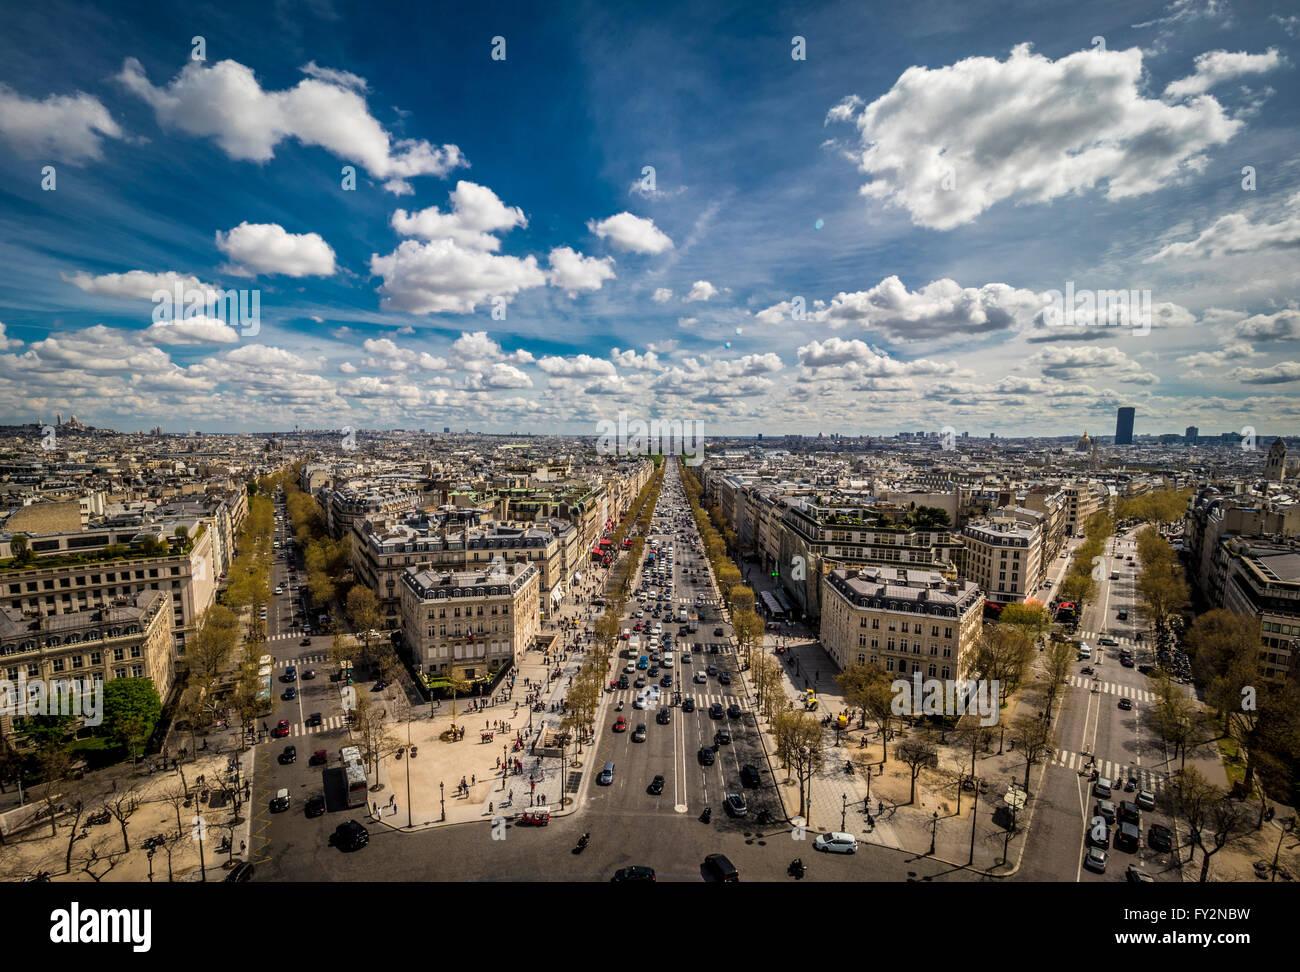 View down the Champs-Elysees towards Place de la Concorde, Paris, France. - Stock Image